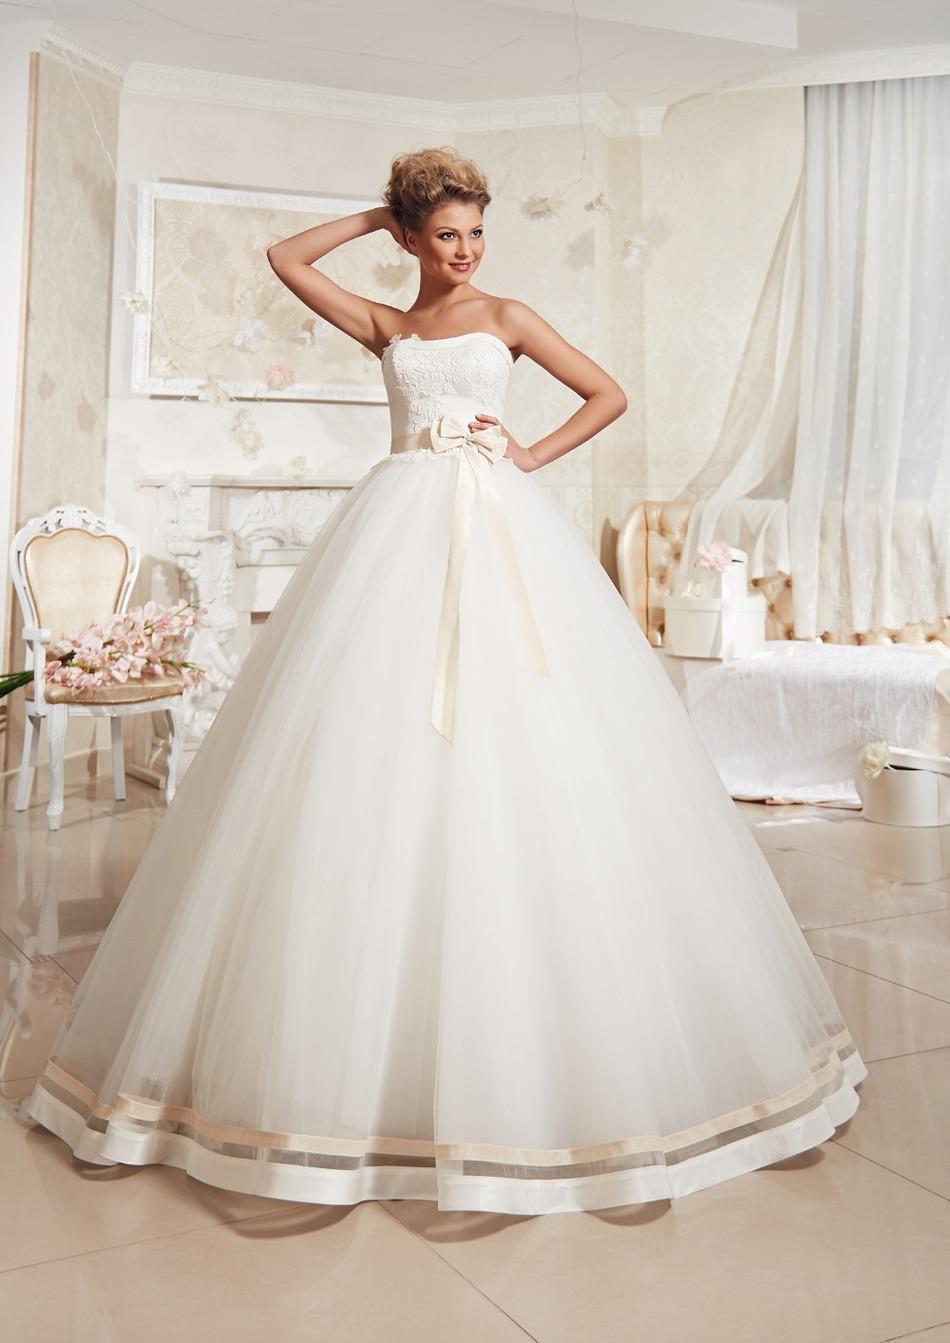 Горячие Продажа Свадебные Платья noiva Customed пышное платье Без Бретелек Кружева Аппликации Старинные Свадебные Платья Сделано В Китае